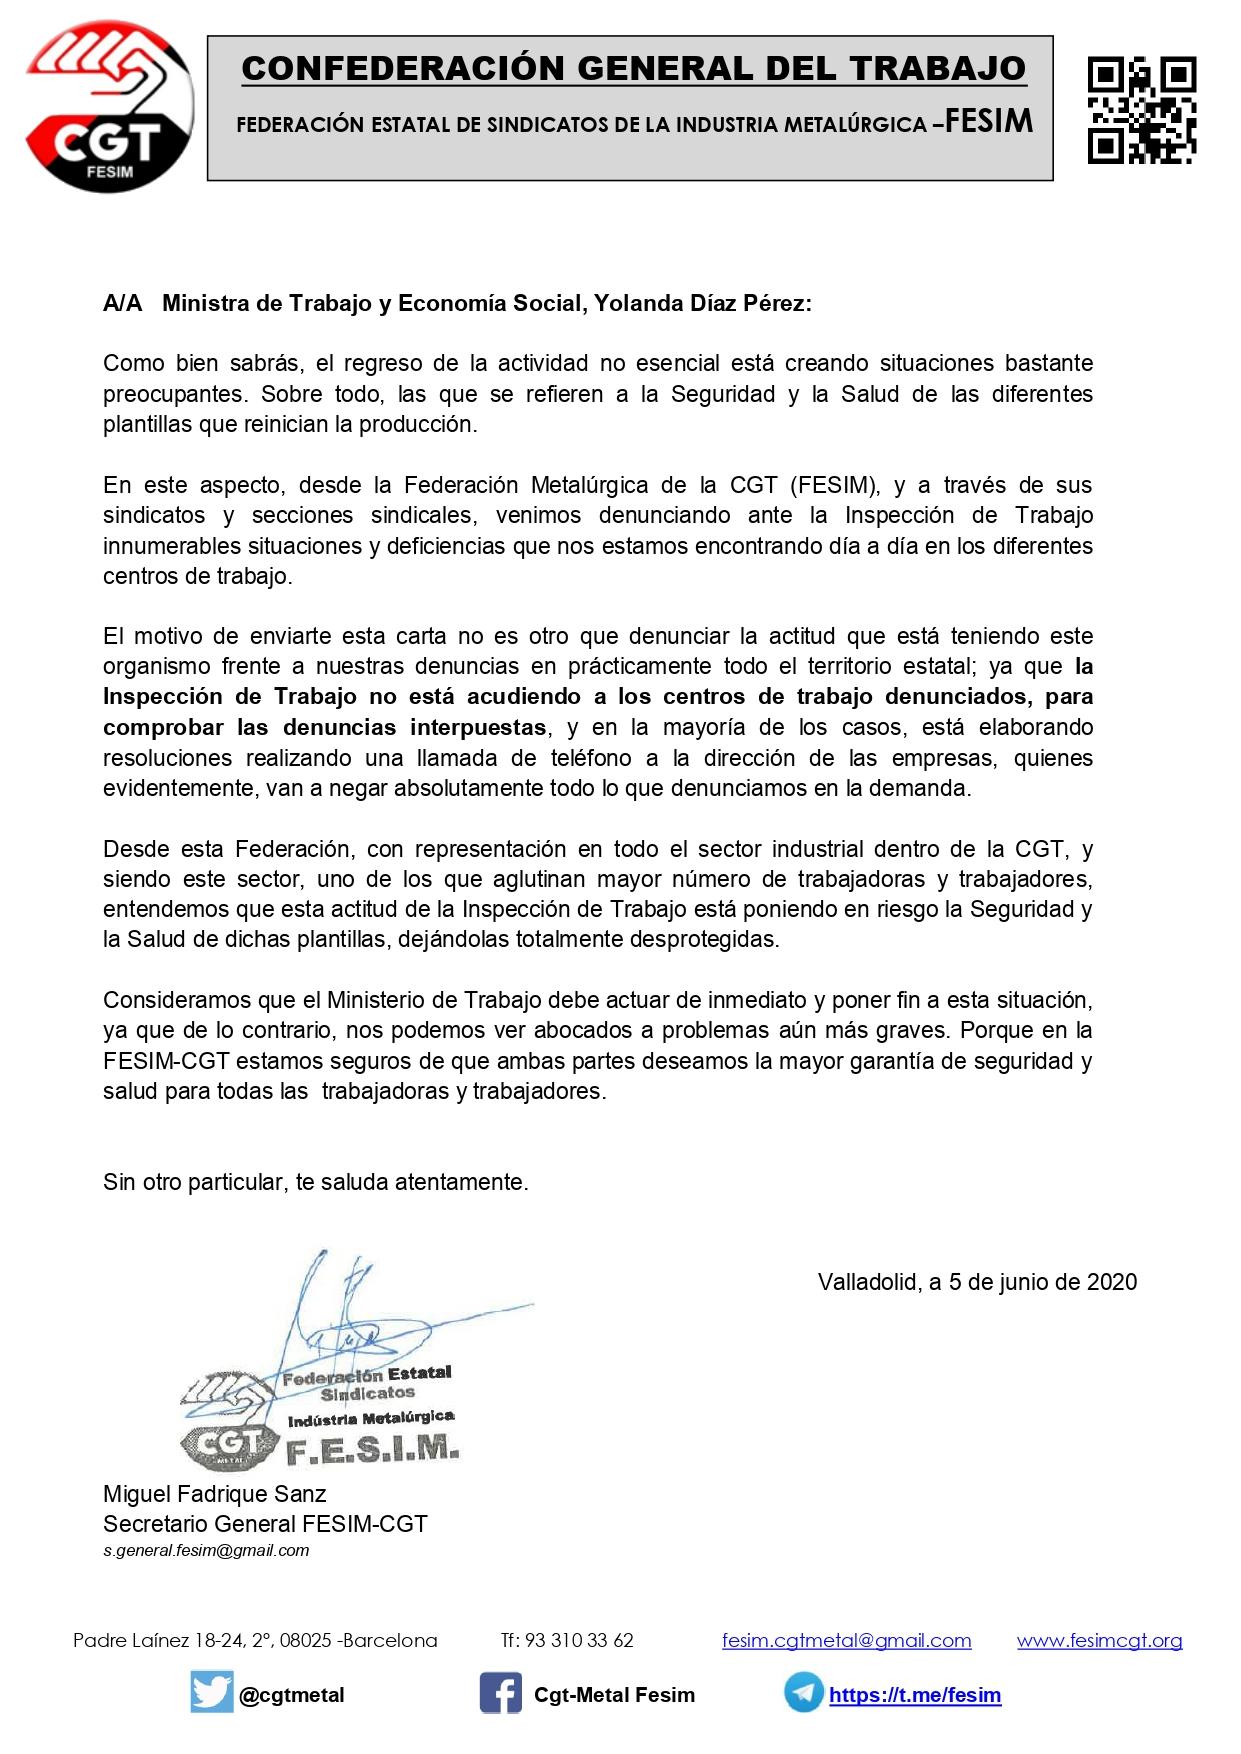 Carta a Yolanda Diaz 200605 Inspeccion de Trabajo_page-0001